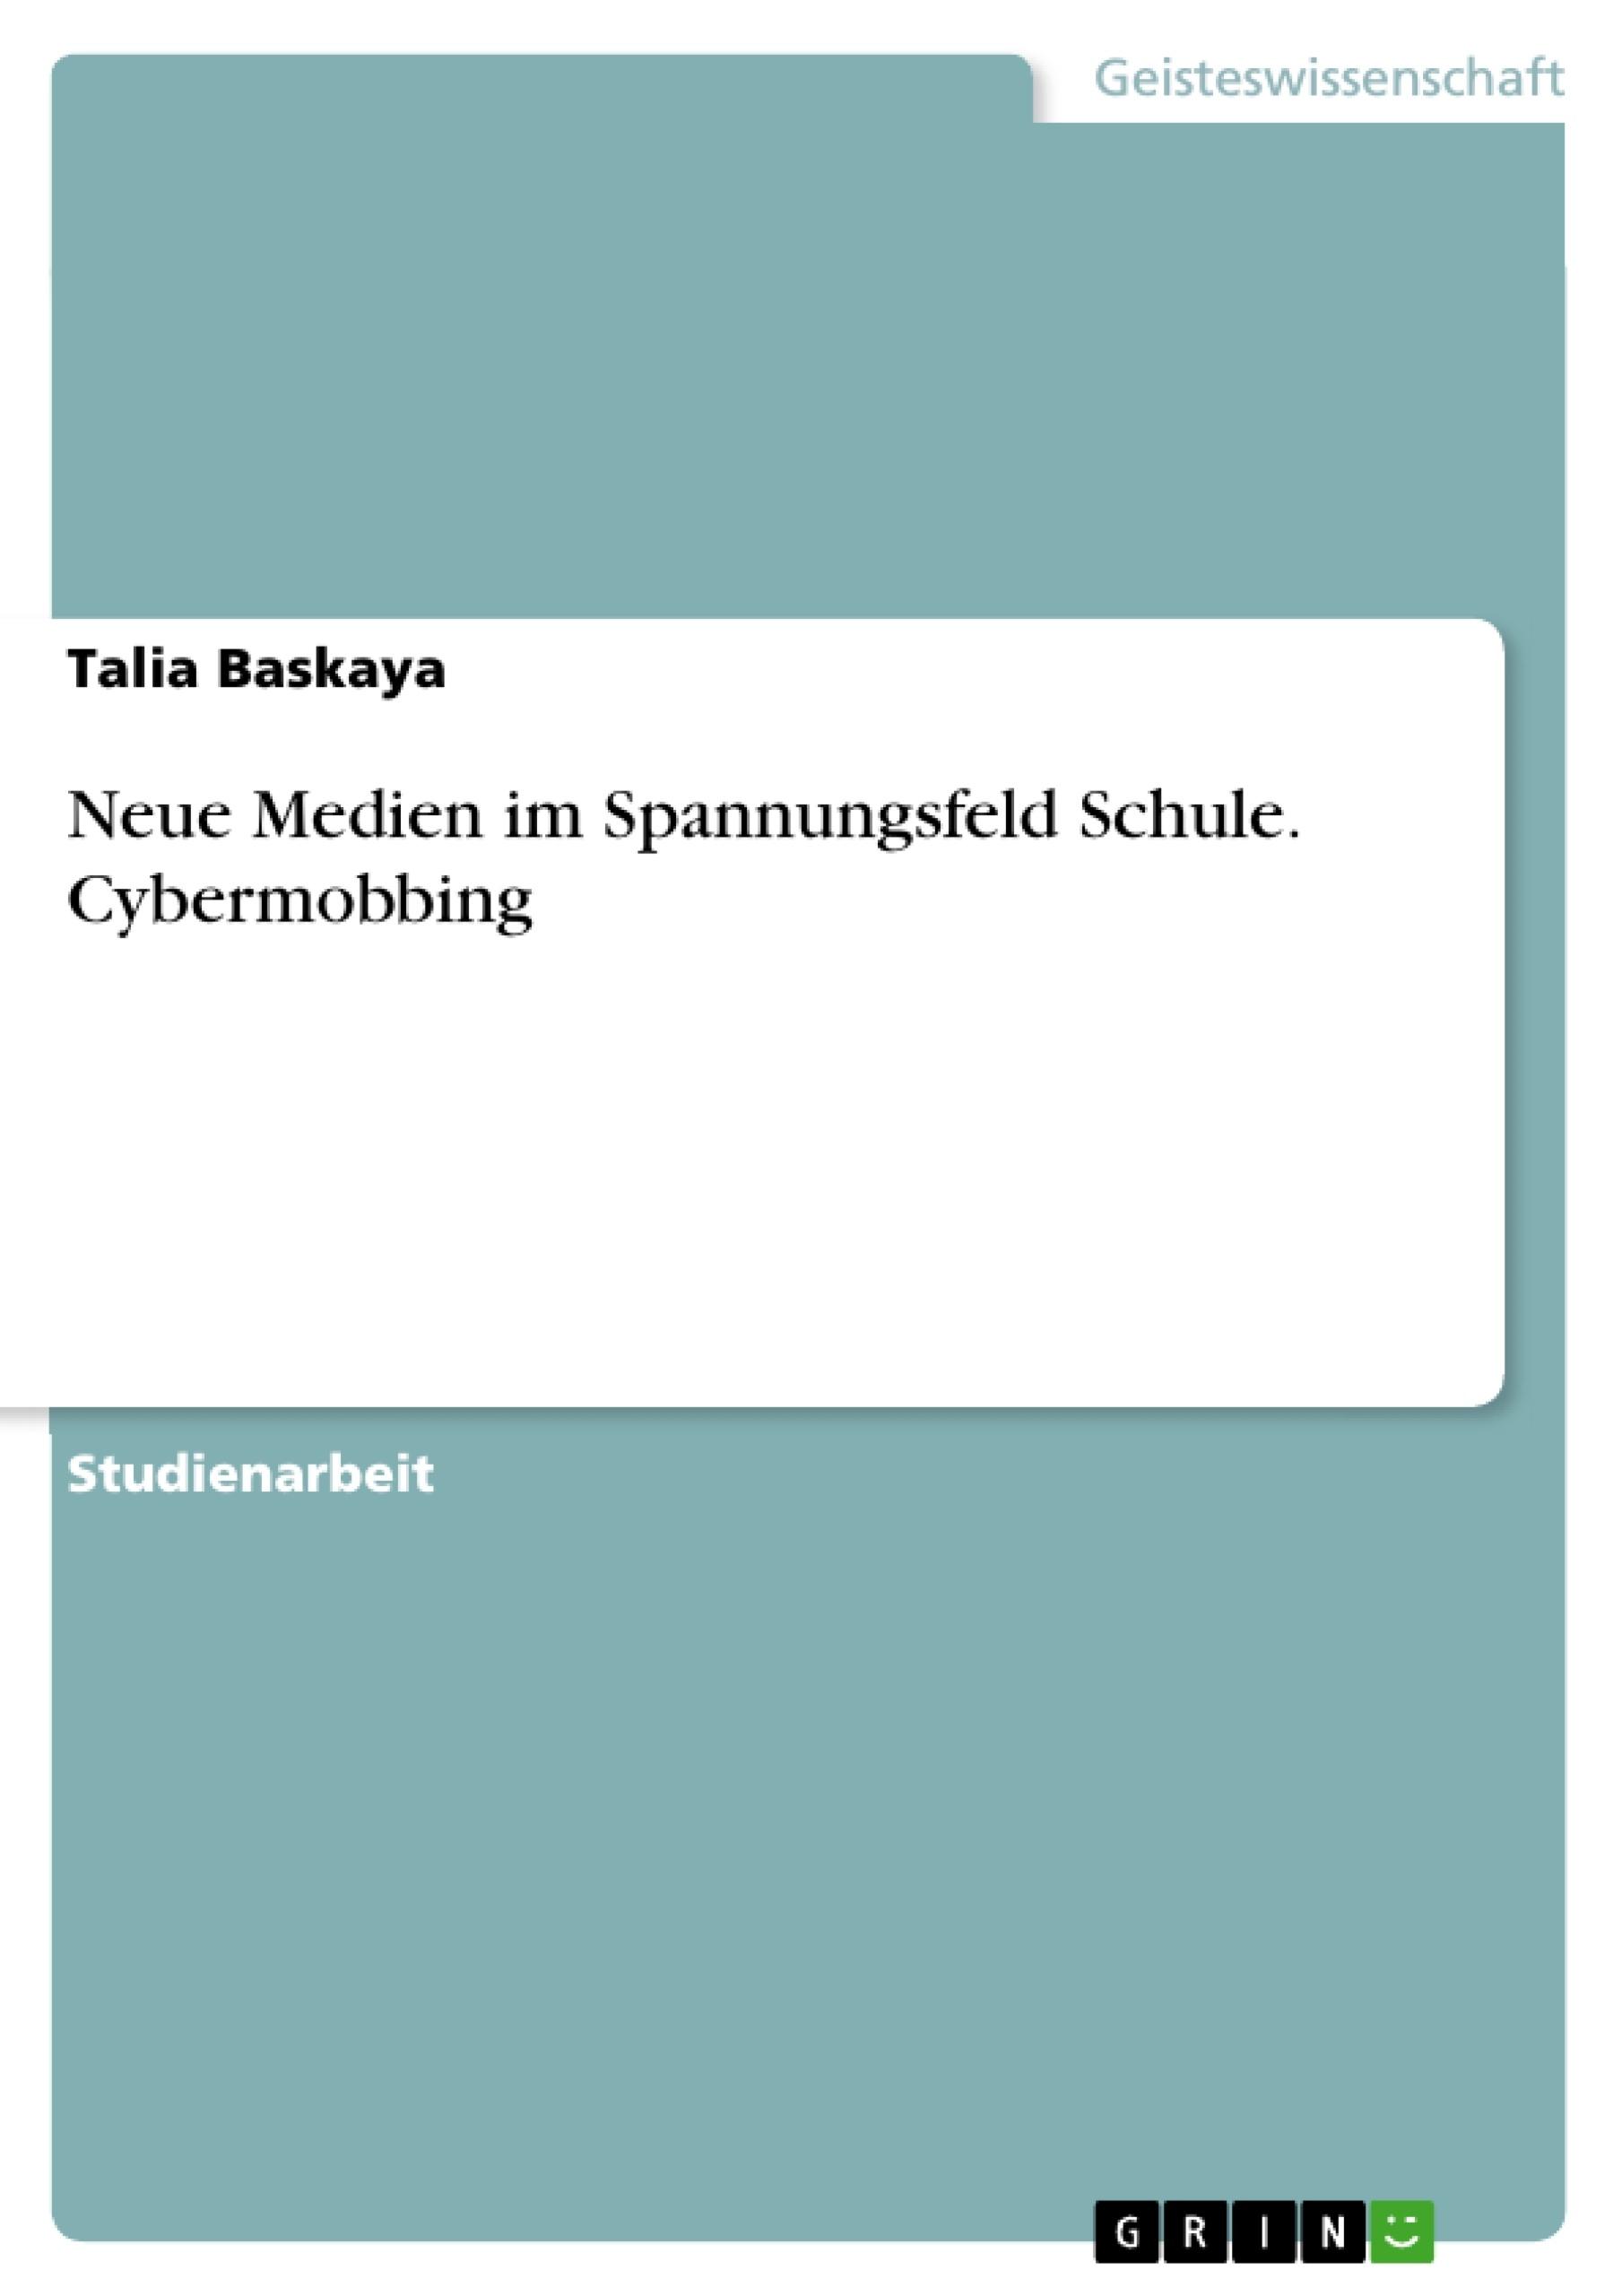 Titel: Neue Medien im Spannungsfeld Schule. Cybermobbing